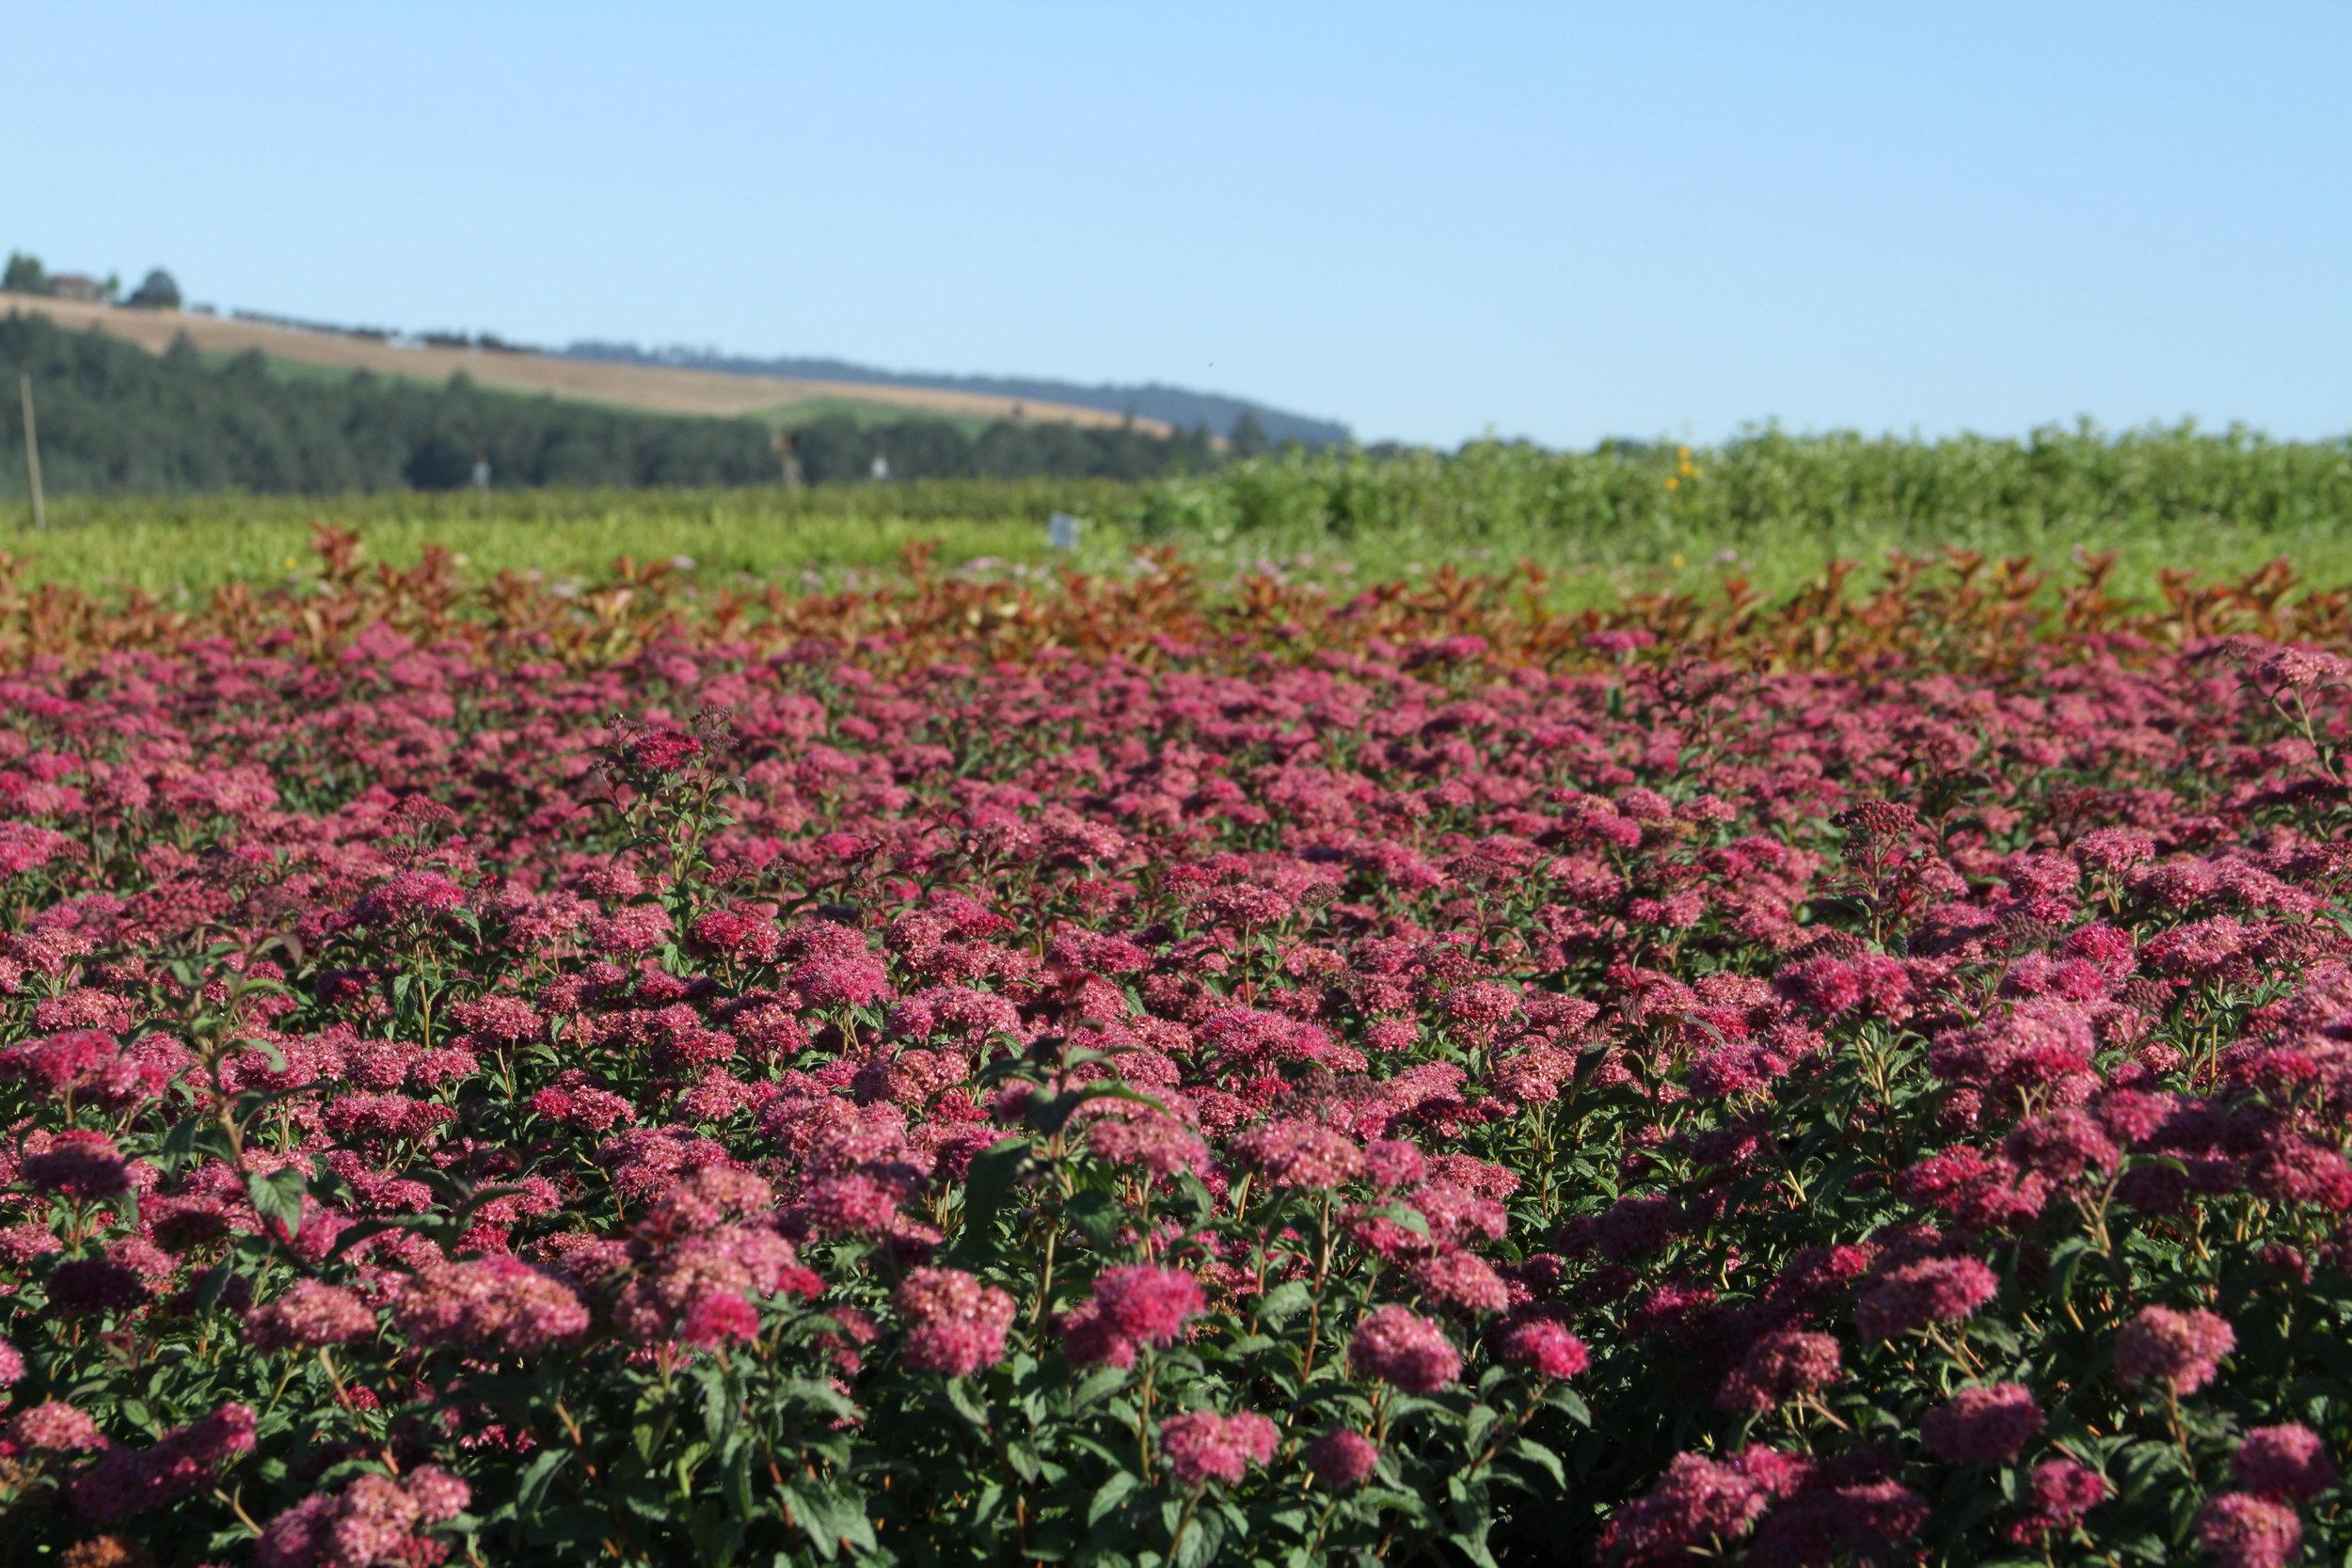 A field of spirea in bloom.